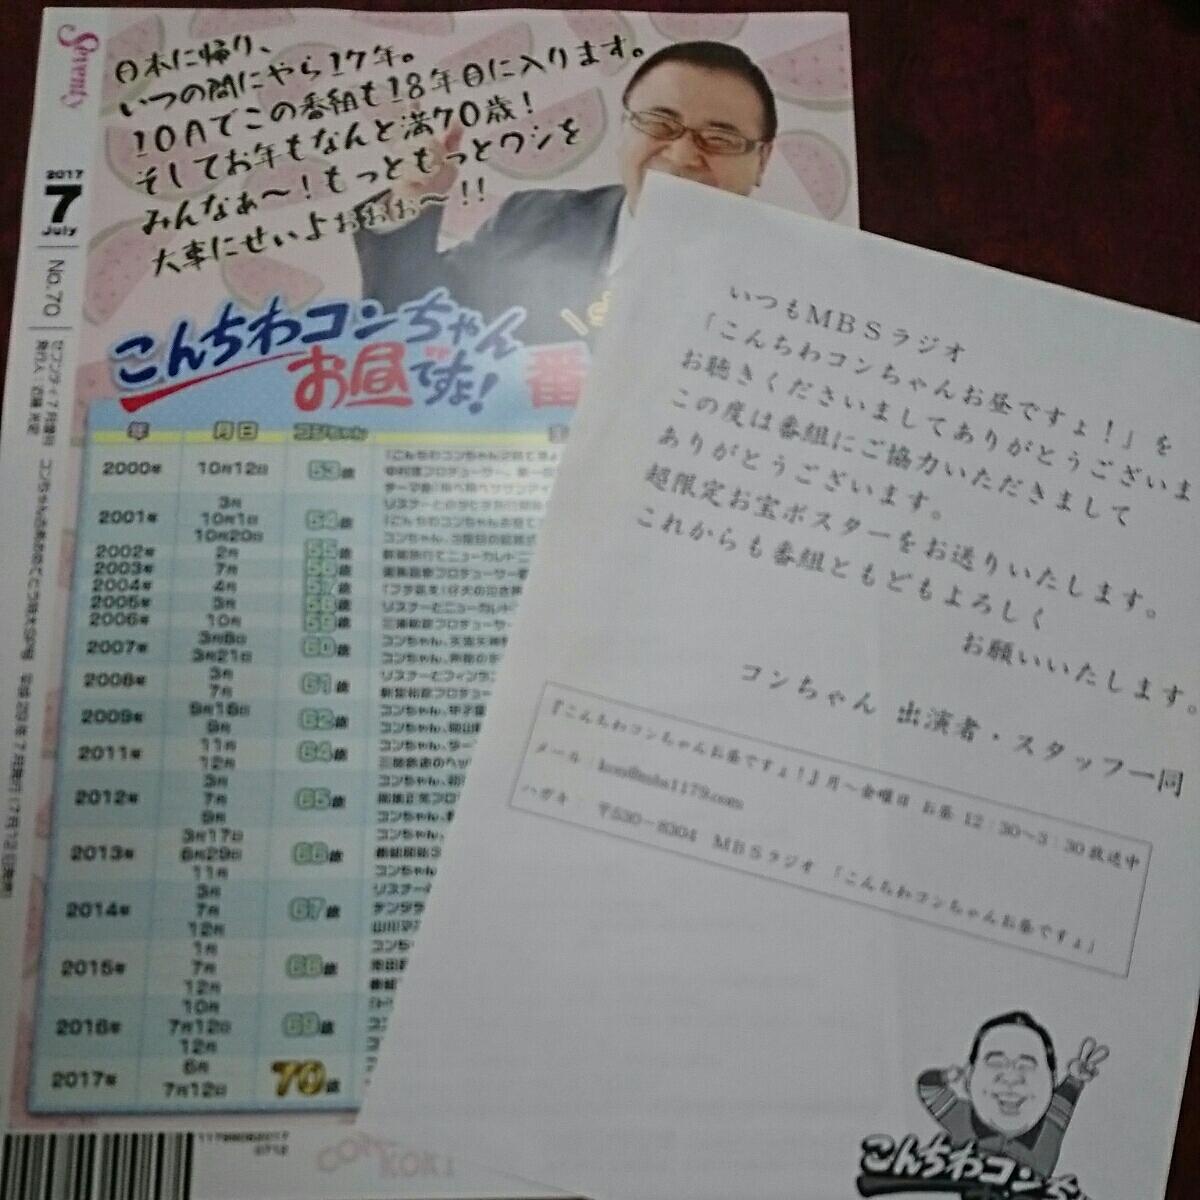 MBSラジオ こんちわコンちゃんお昼ですよ!の超限定お宝ポスター 70歳を記念に限定のポスターです